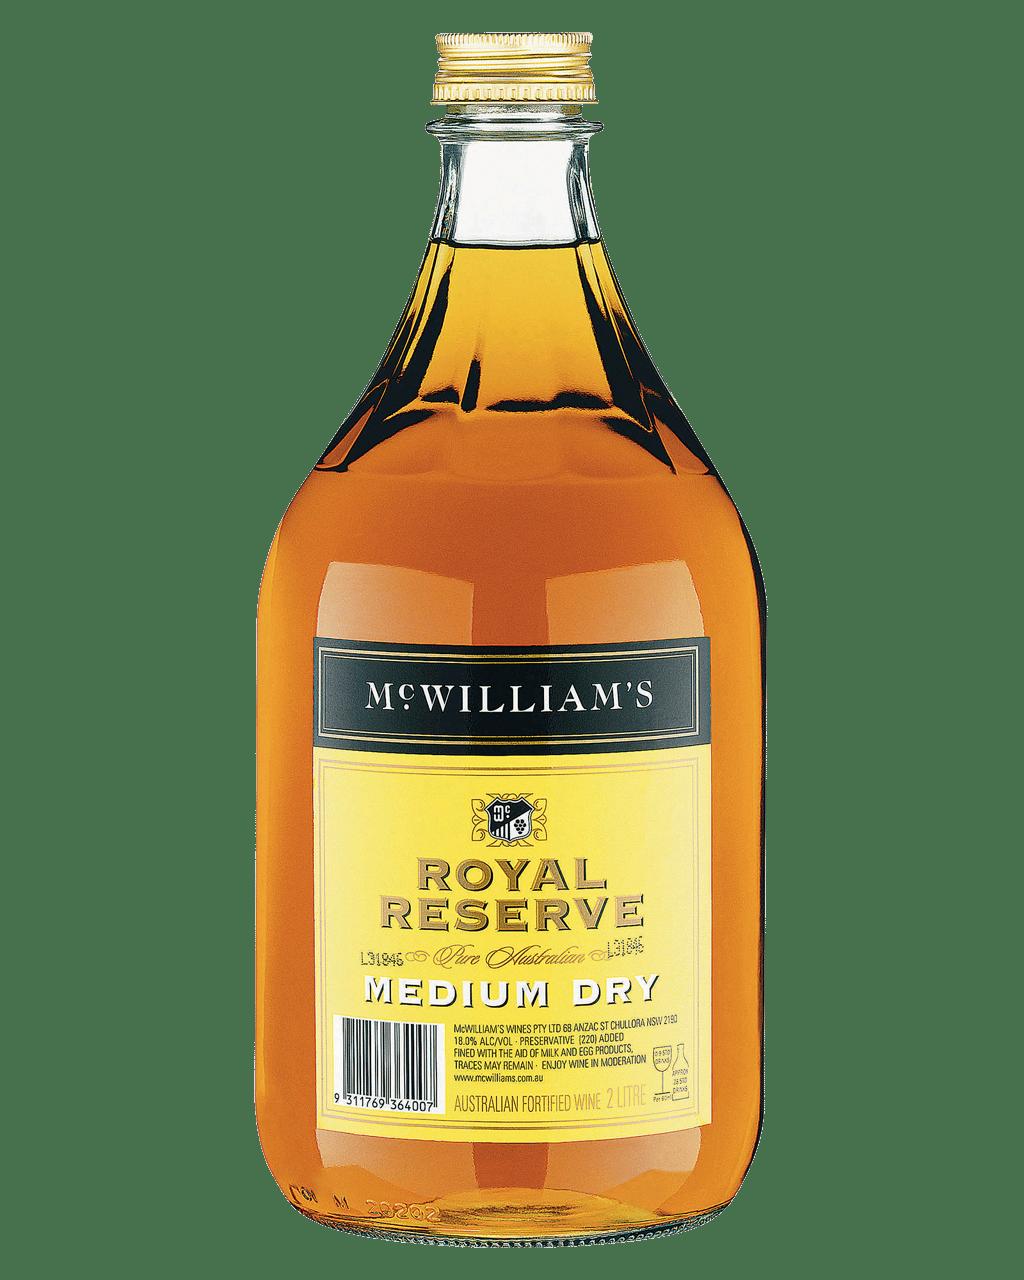 mcwilliam s royal reserve medium dry 2l dan murphy s buy wine